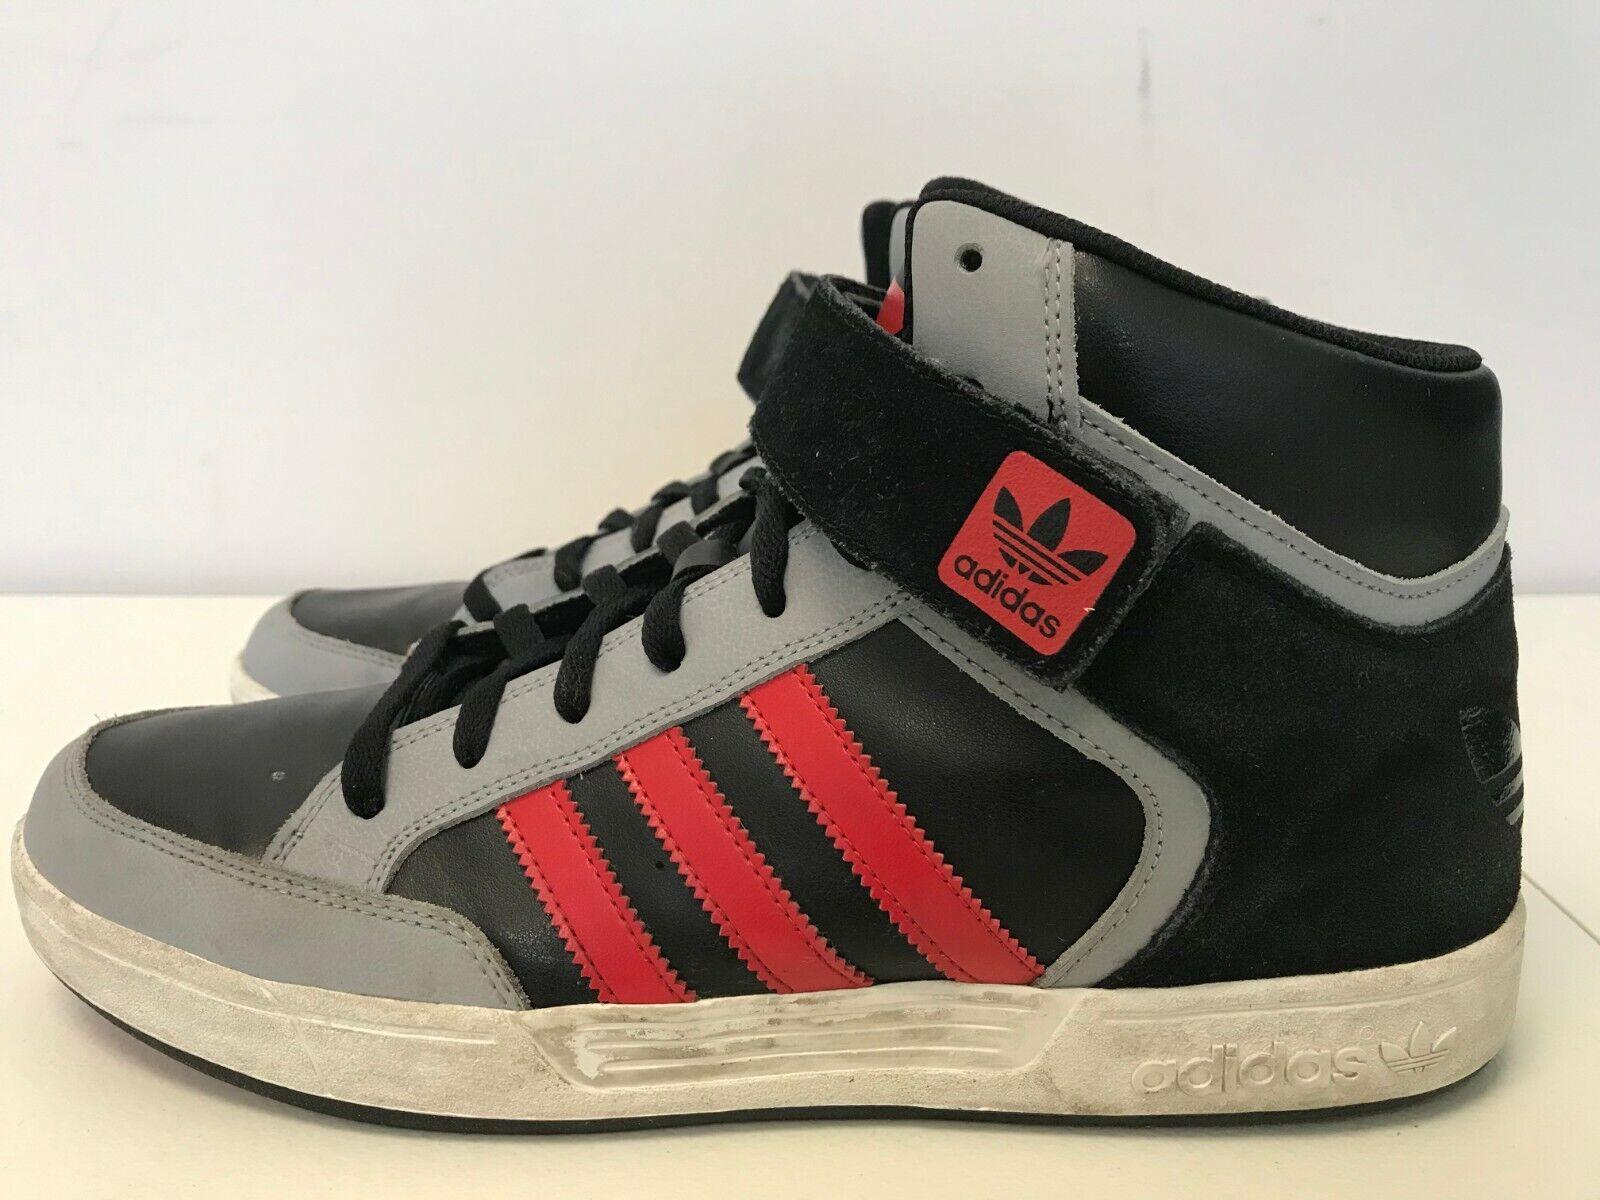 Mens Adidas Varial Mid Black Grey Red G98141 - Gem